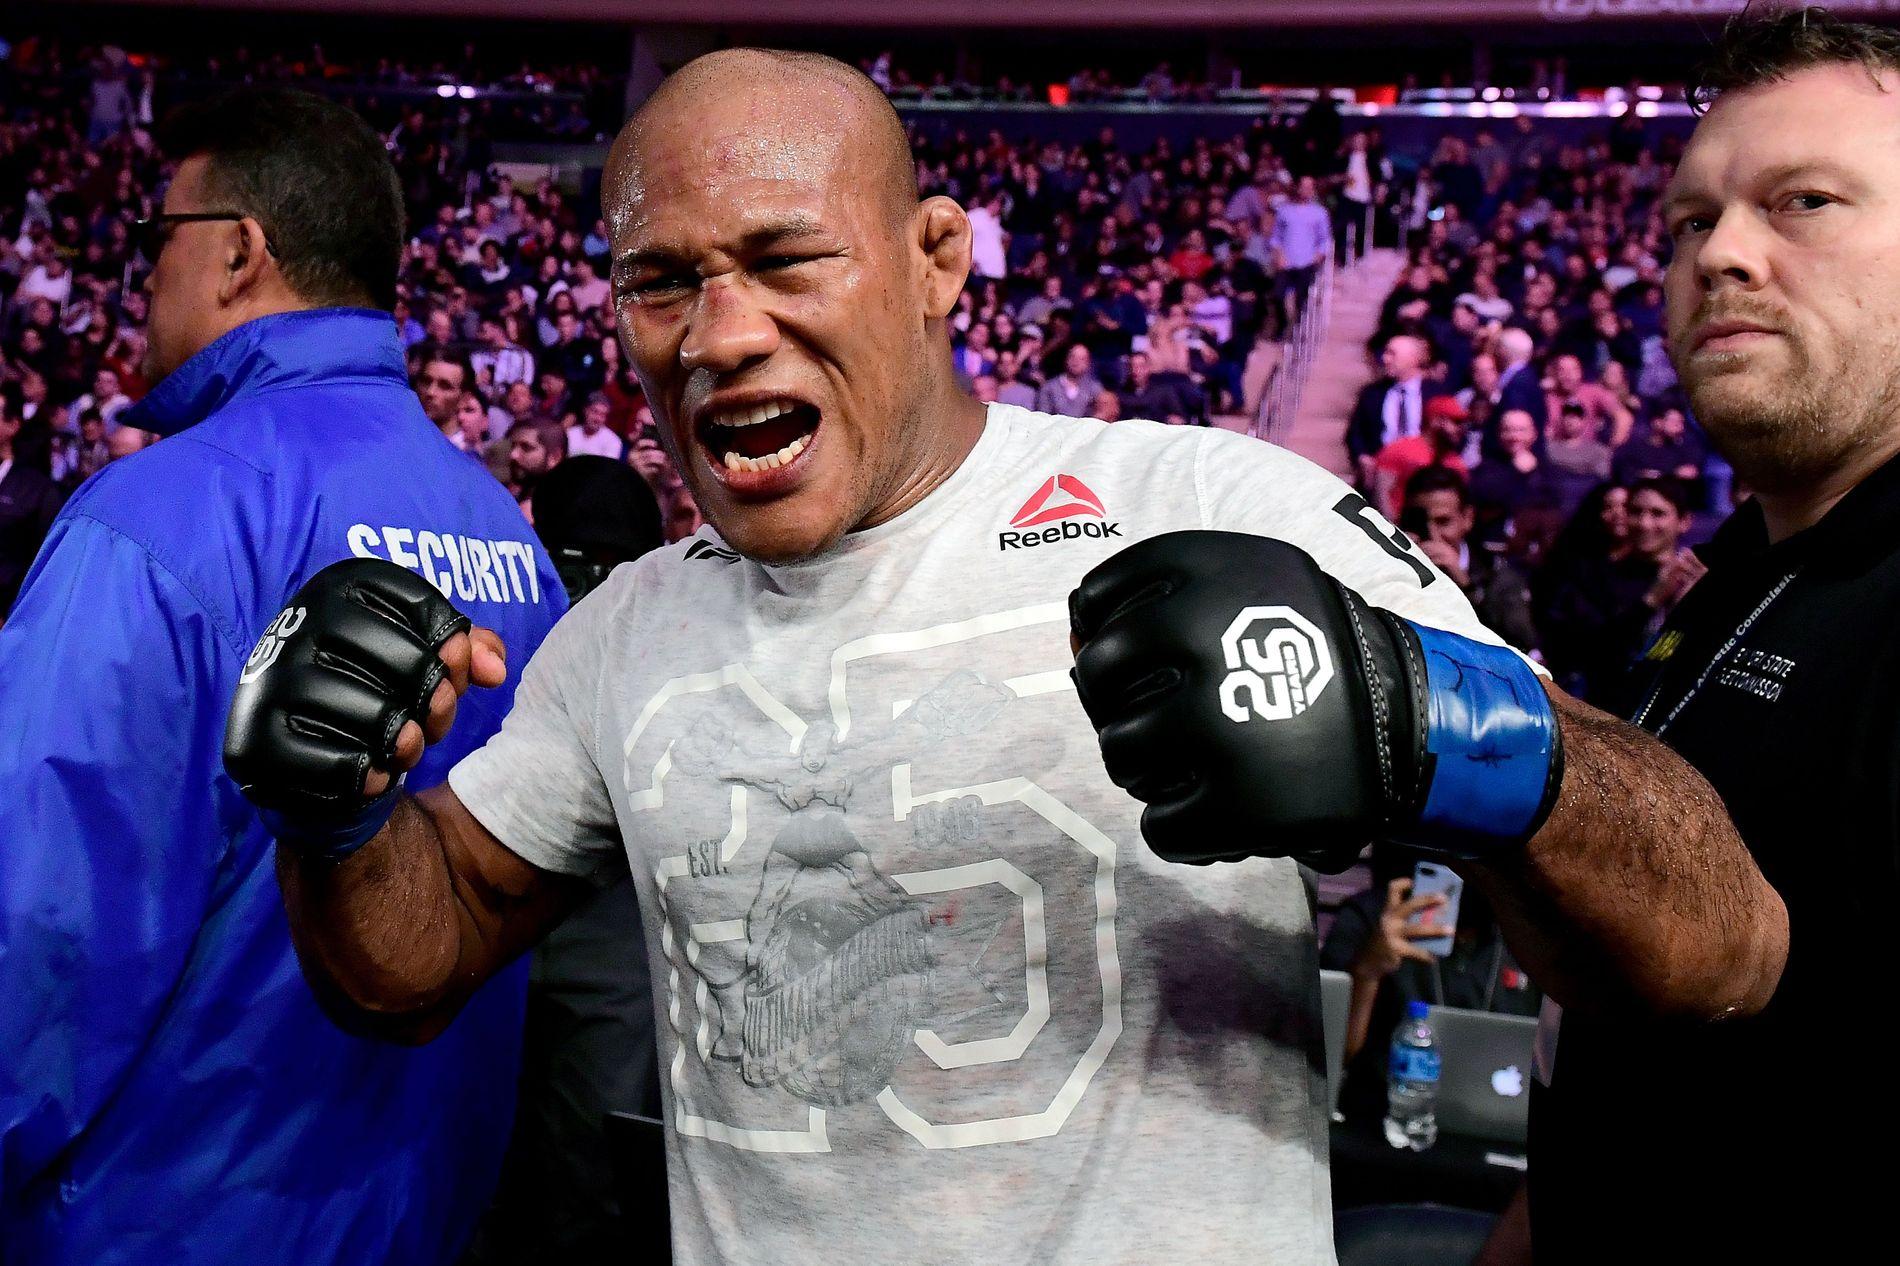 TØFFING: Jacare Souza feirer knockoutseieren mot Chris Weidman i New York i november.